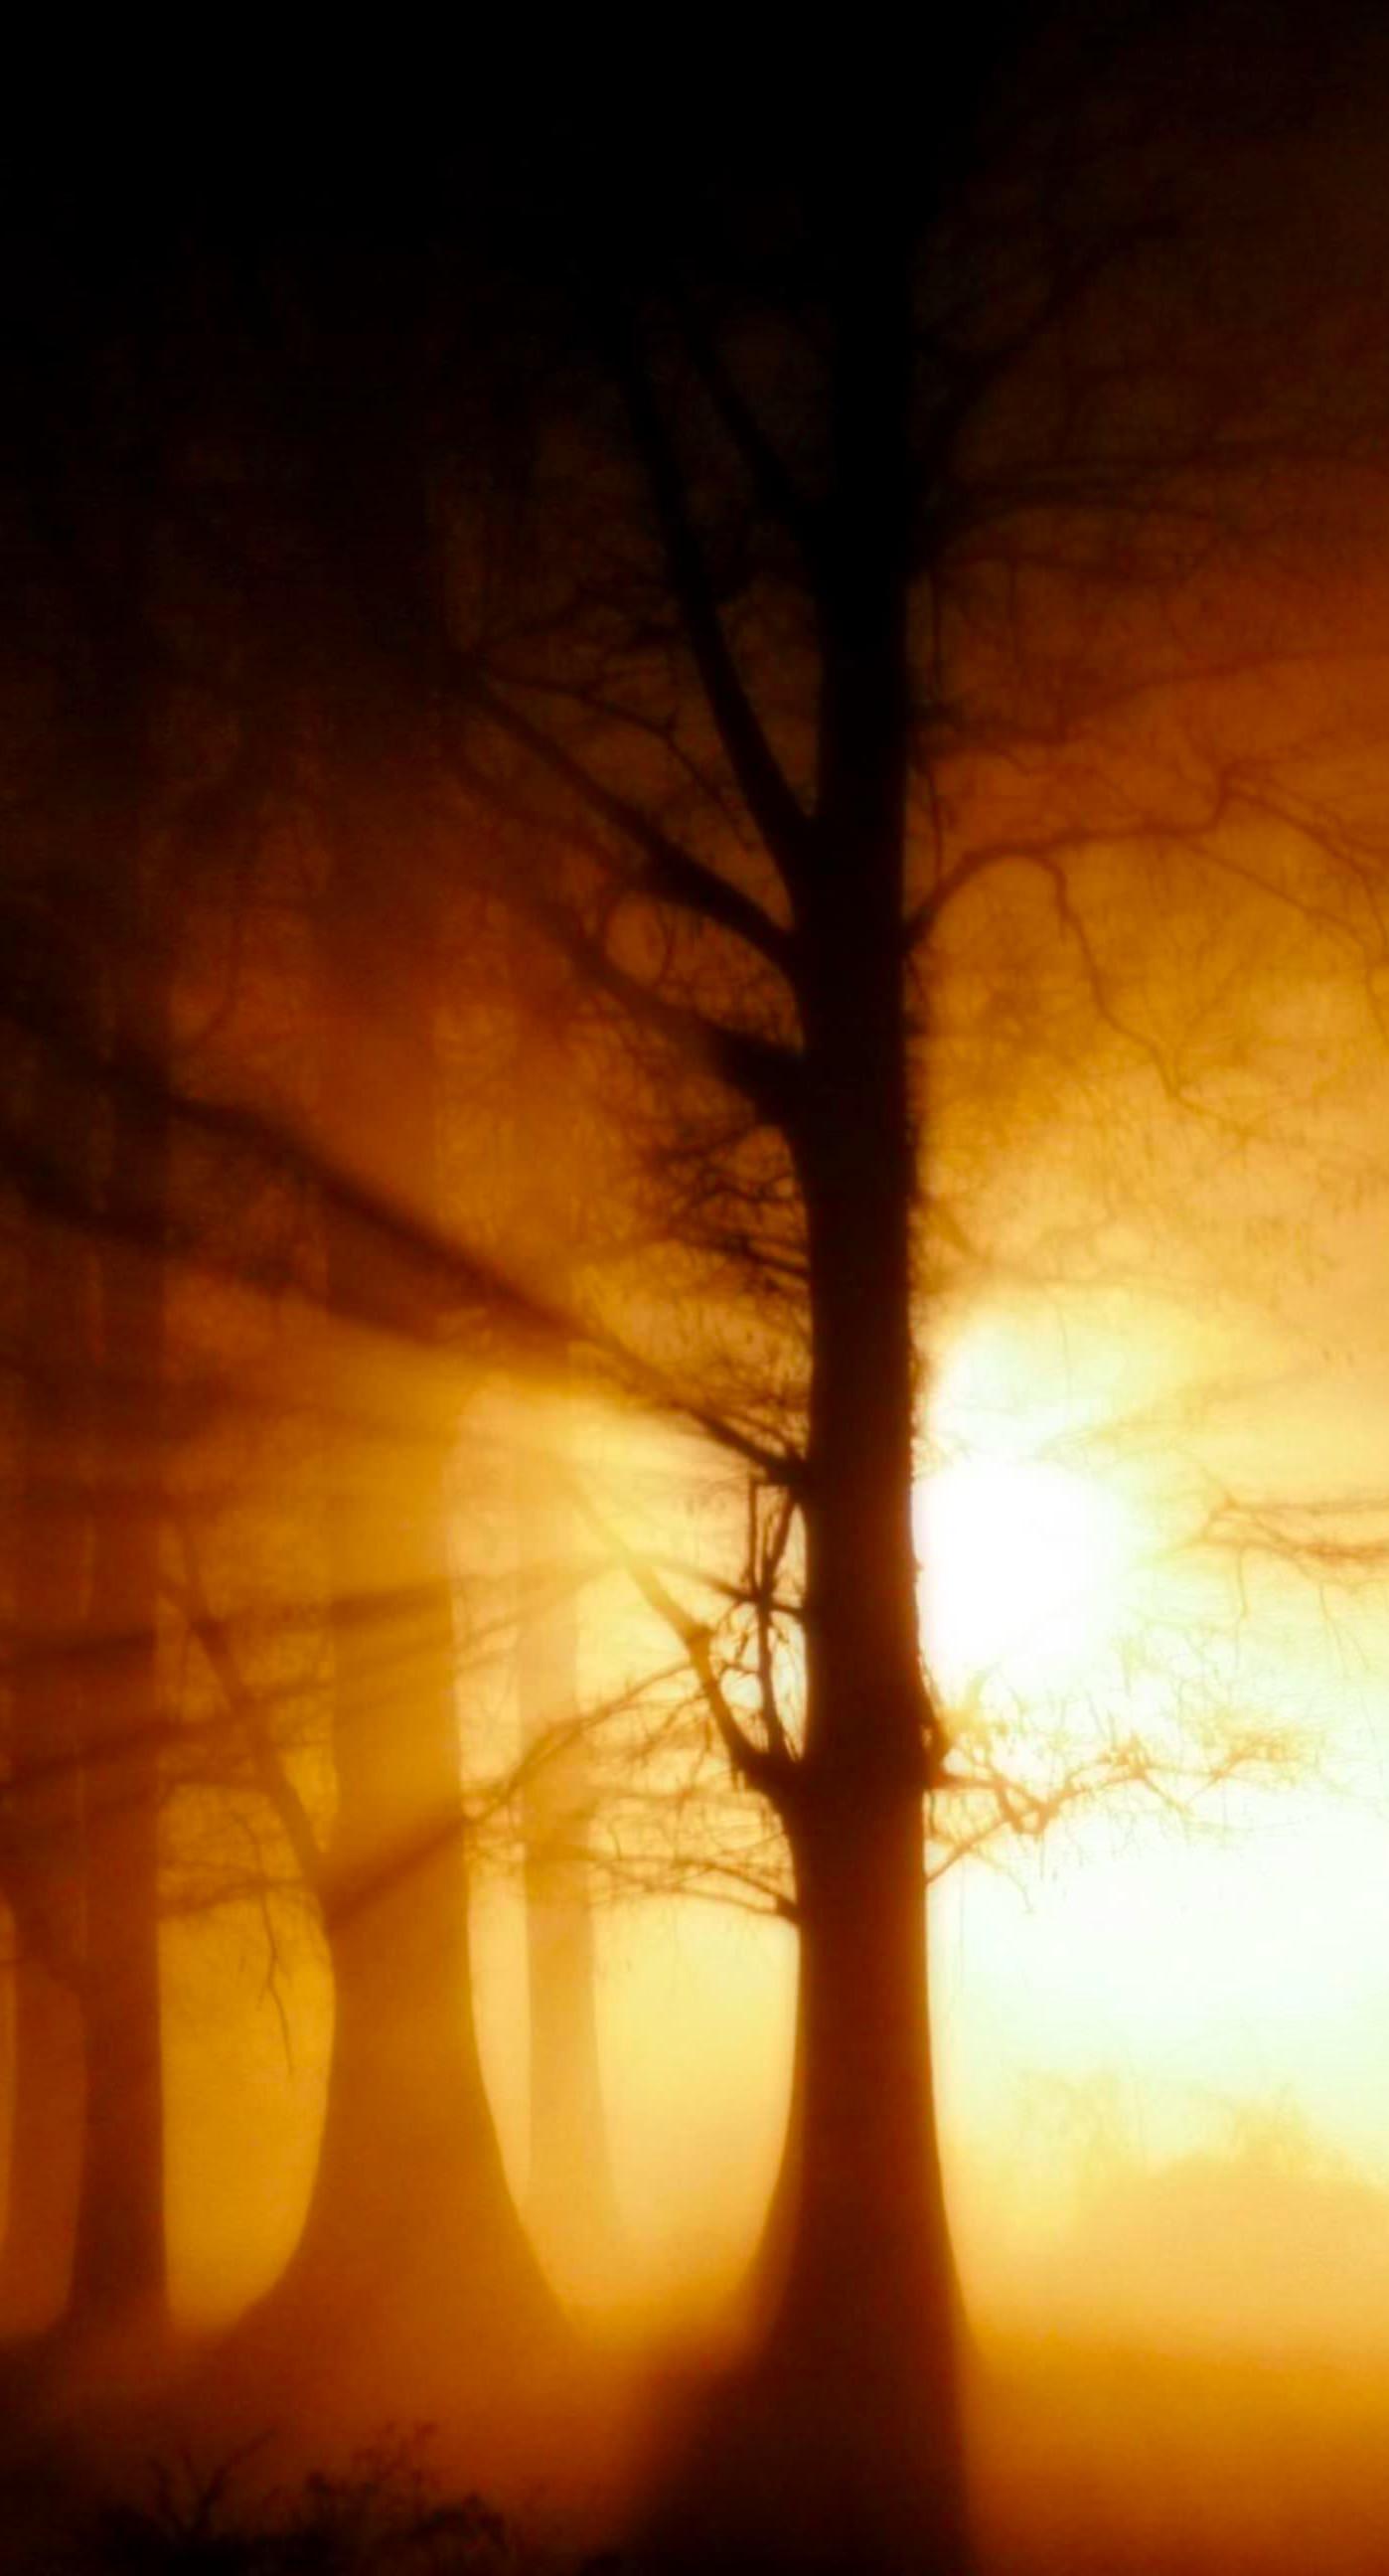 Hutan Pemandangan Matahari Terbenam Wallpapersc IPhone8Plus